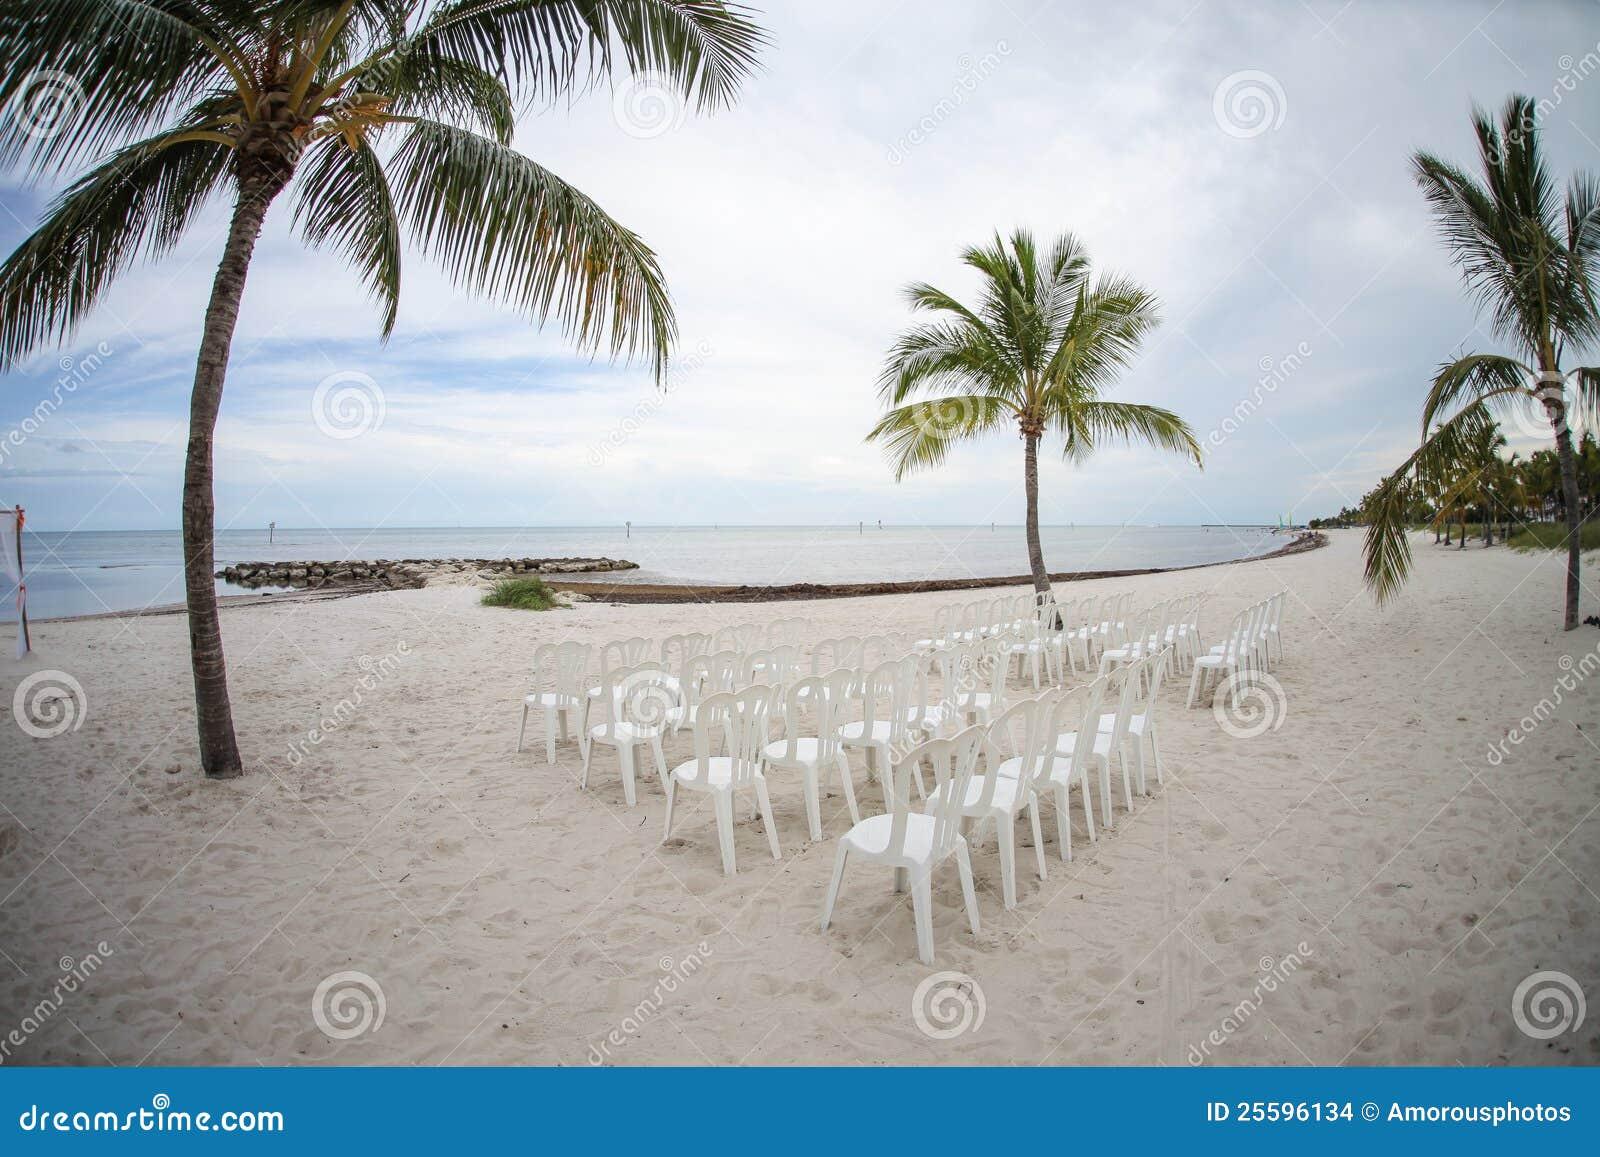 Strand betriebsbereit zur Zeremonie